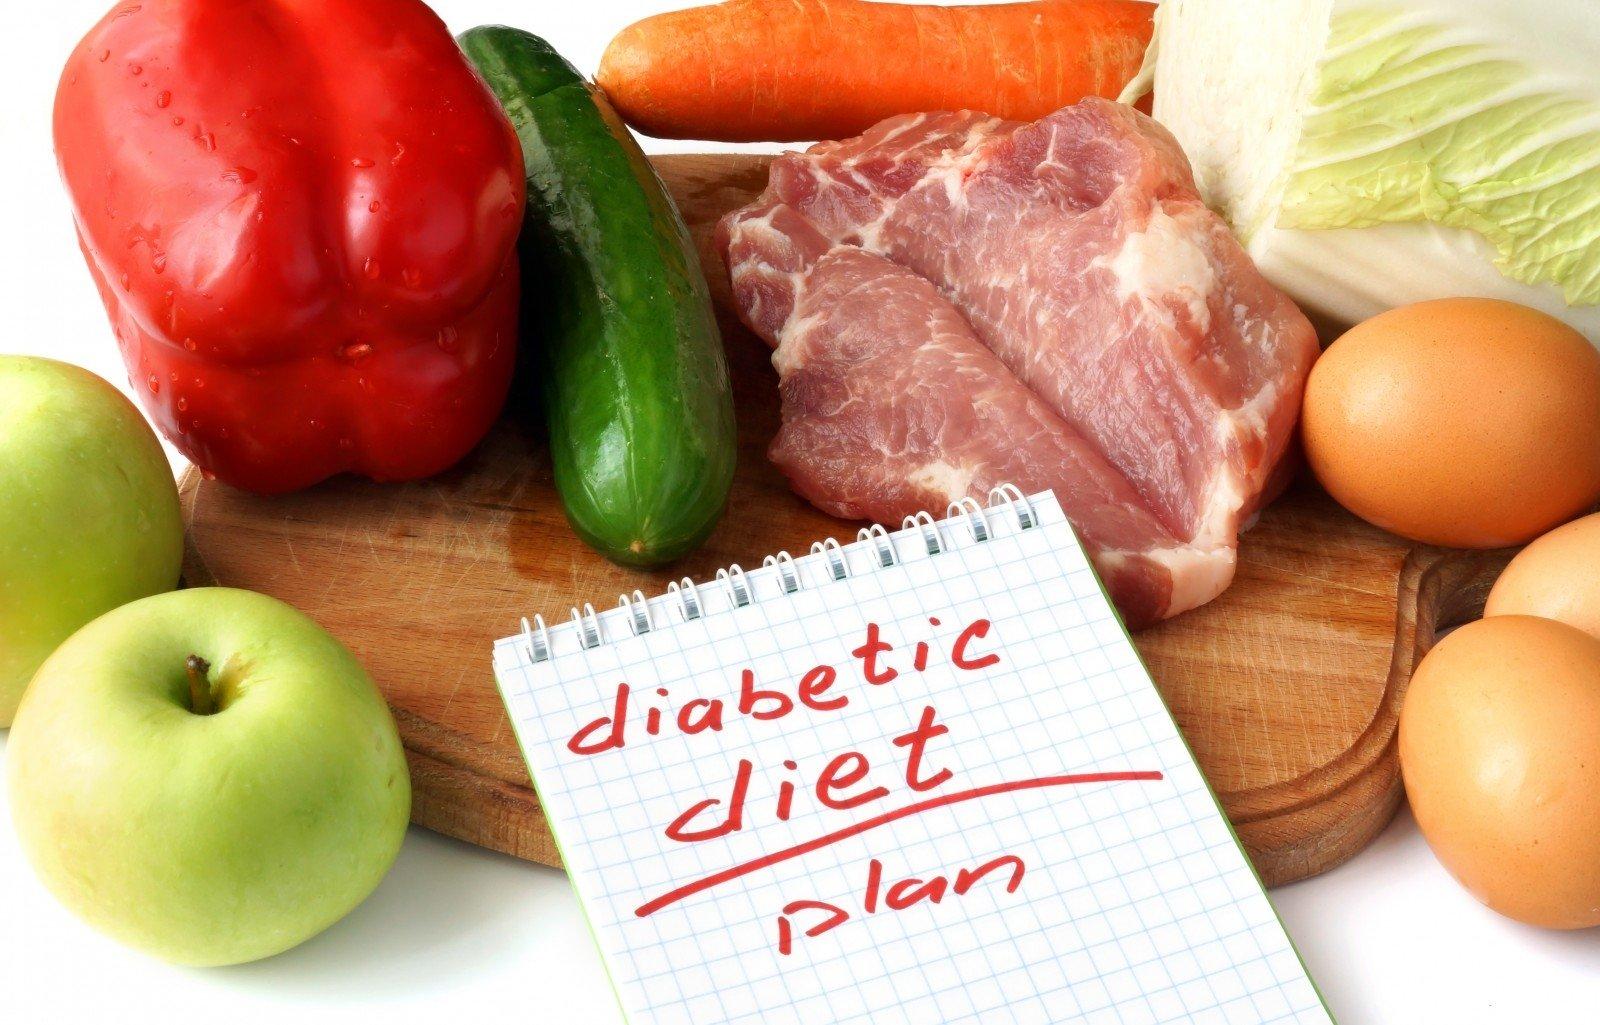 coq10 sveikatos širdies alimentai klinikos, kuriose gydoma hipertenzija